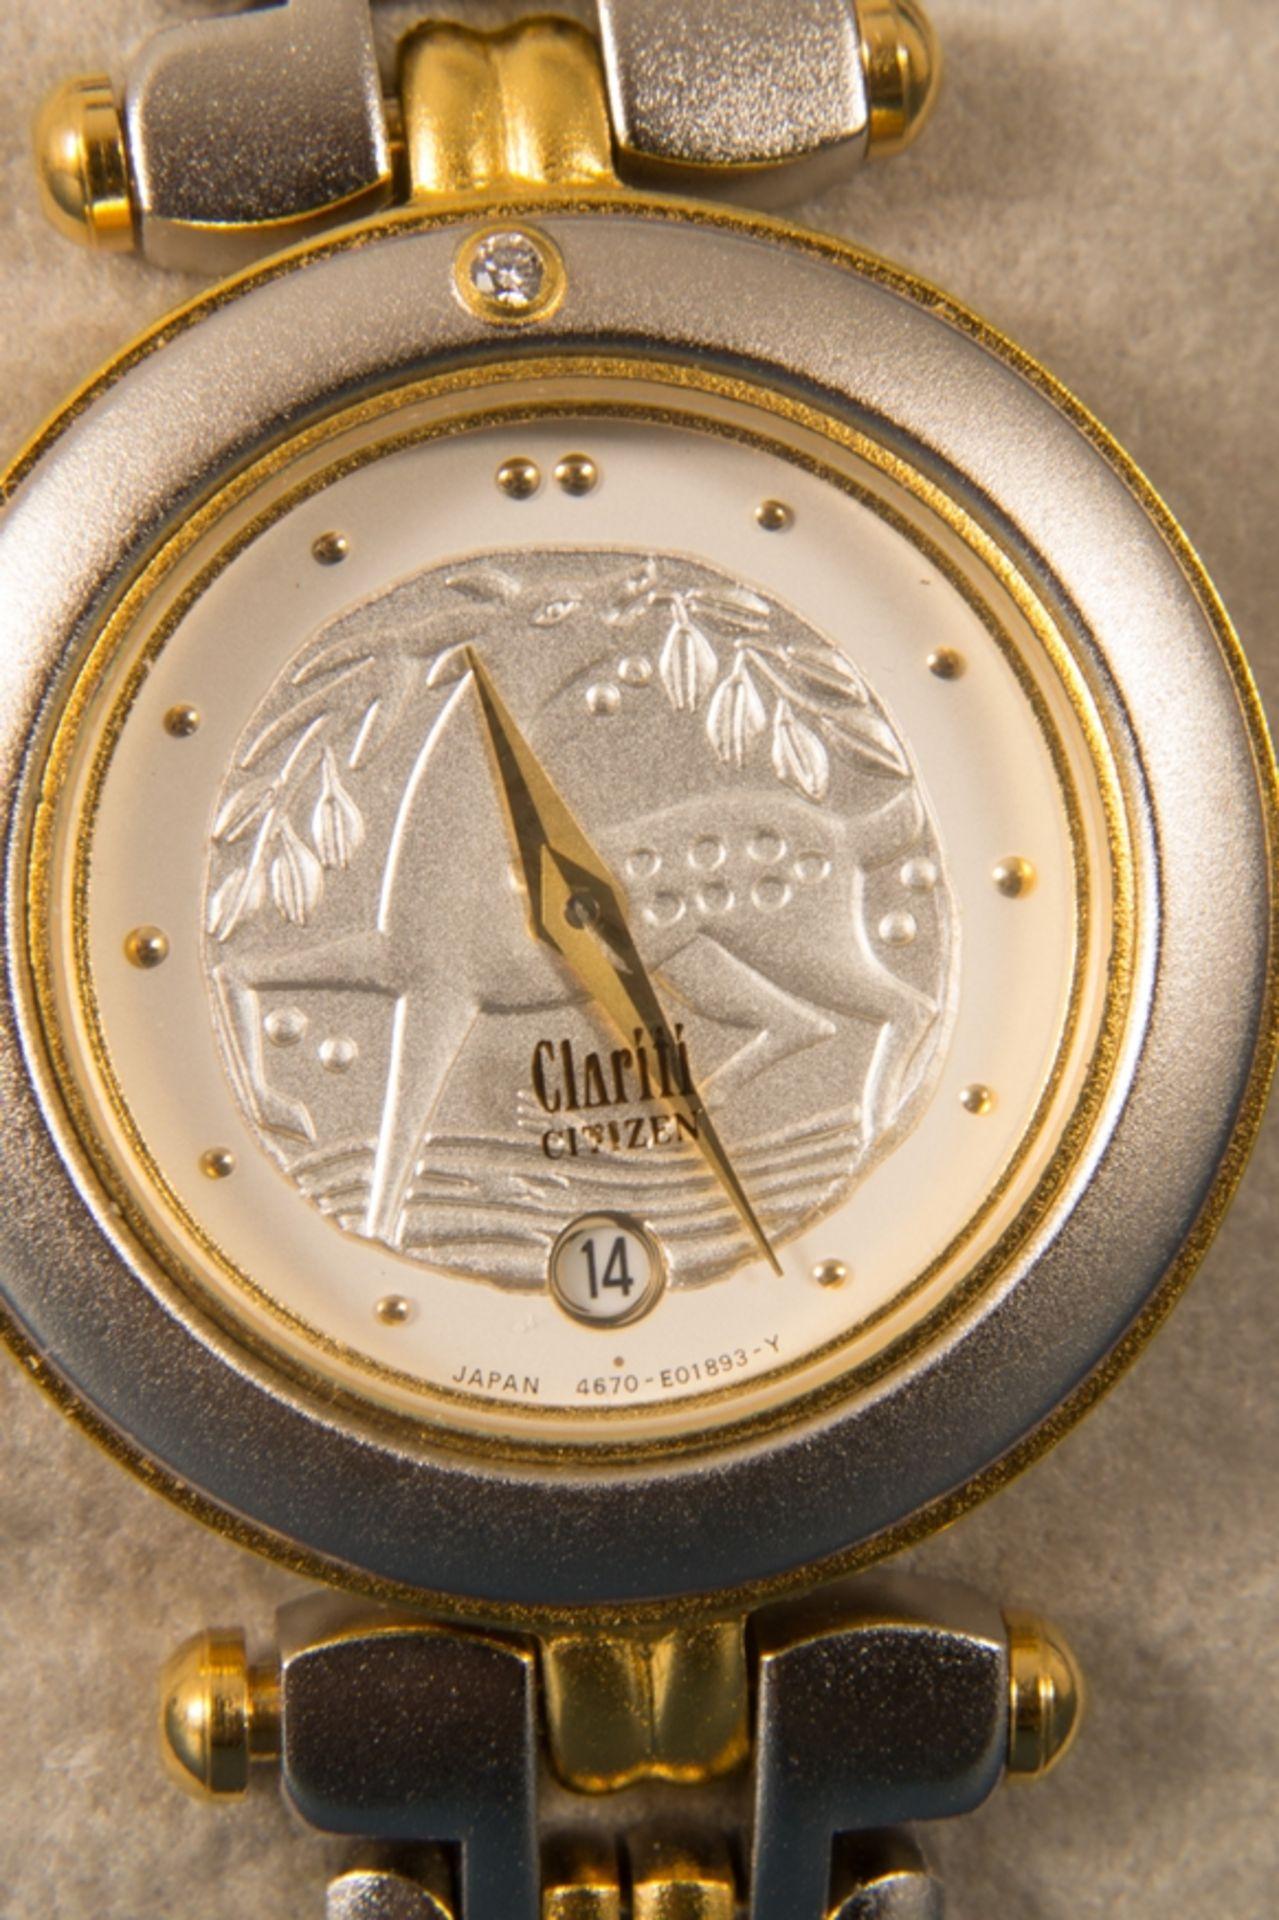 CITIZEN - CLARITI - BICOLOR (Stahl/Gold) Damenarmbanduhr, Ziffernblatt mit figürlicher Vignette (Reh - Bild 5 aus 8